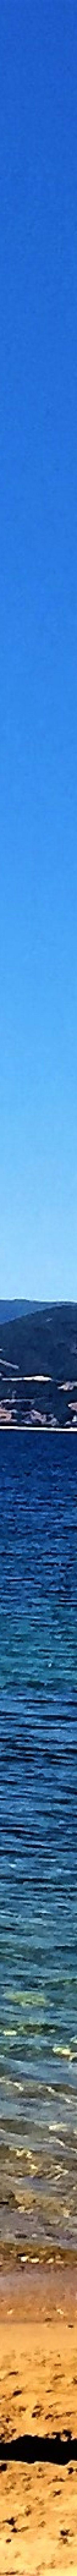 Η αθωνική θάλασσα, σημείο αναφοράς για τους Ιταλούς συνεργάτες του Jambo Group!